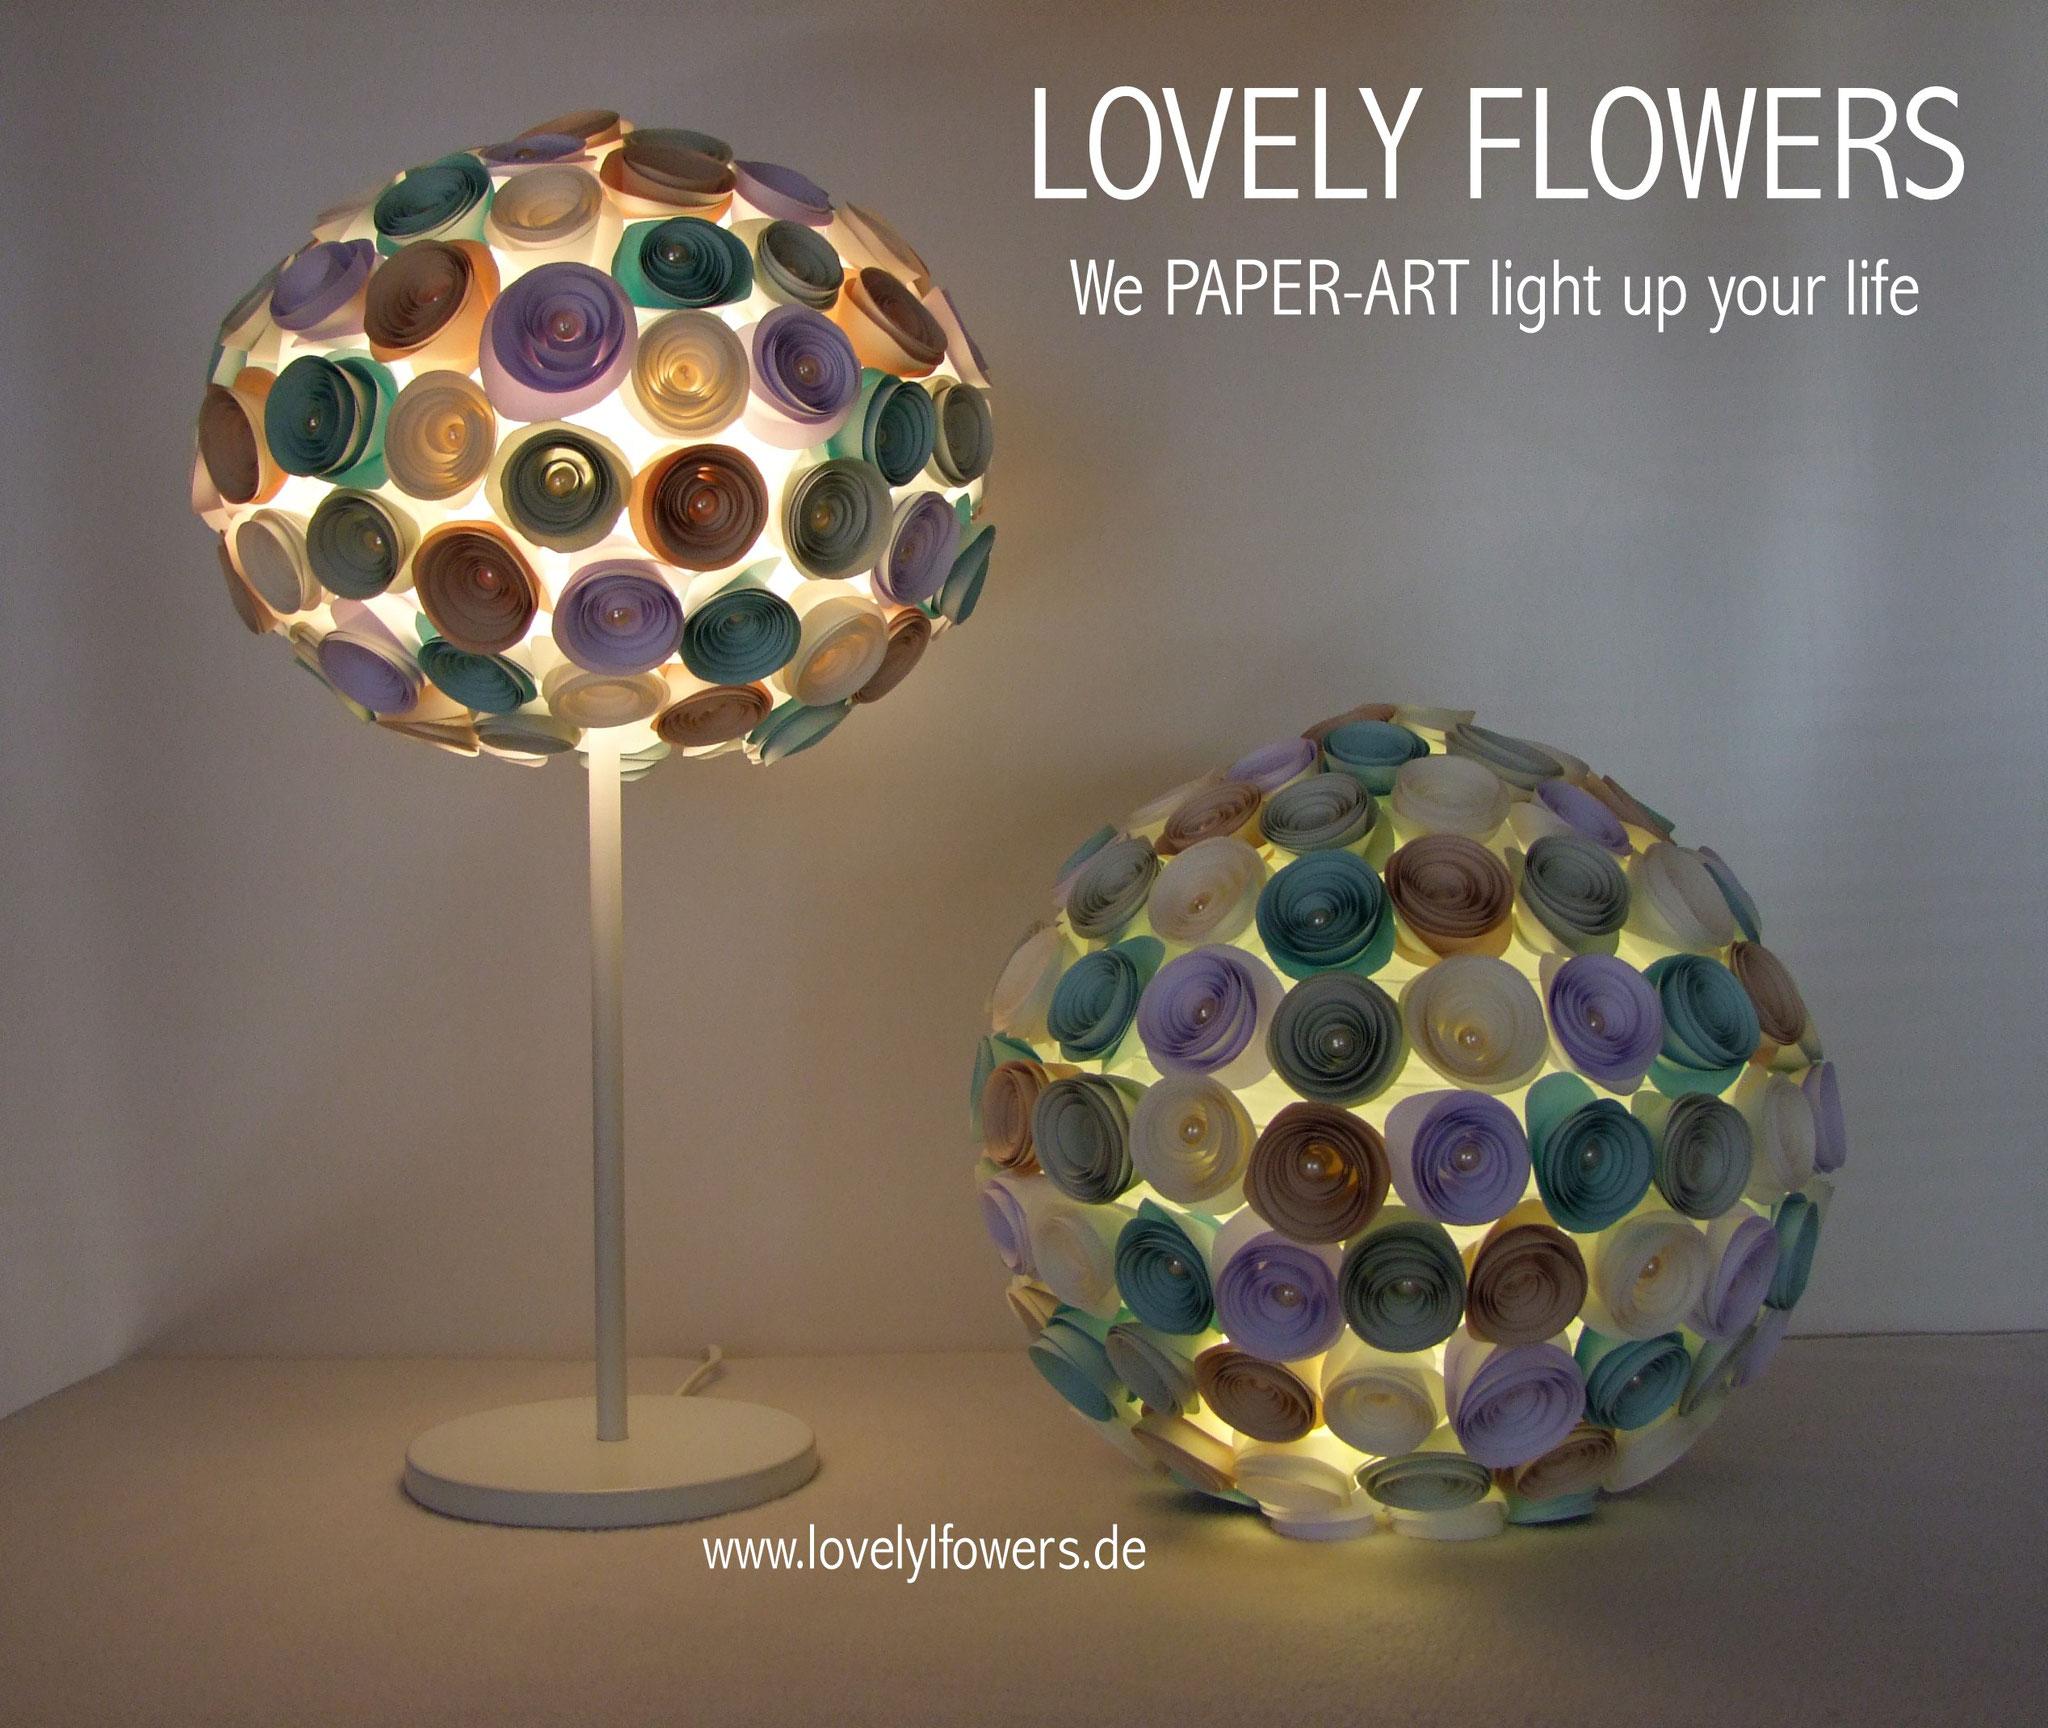 www.lovelyflowers.de - Paper Art Lampen machen Wohlfühlambiente!